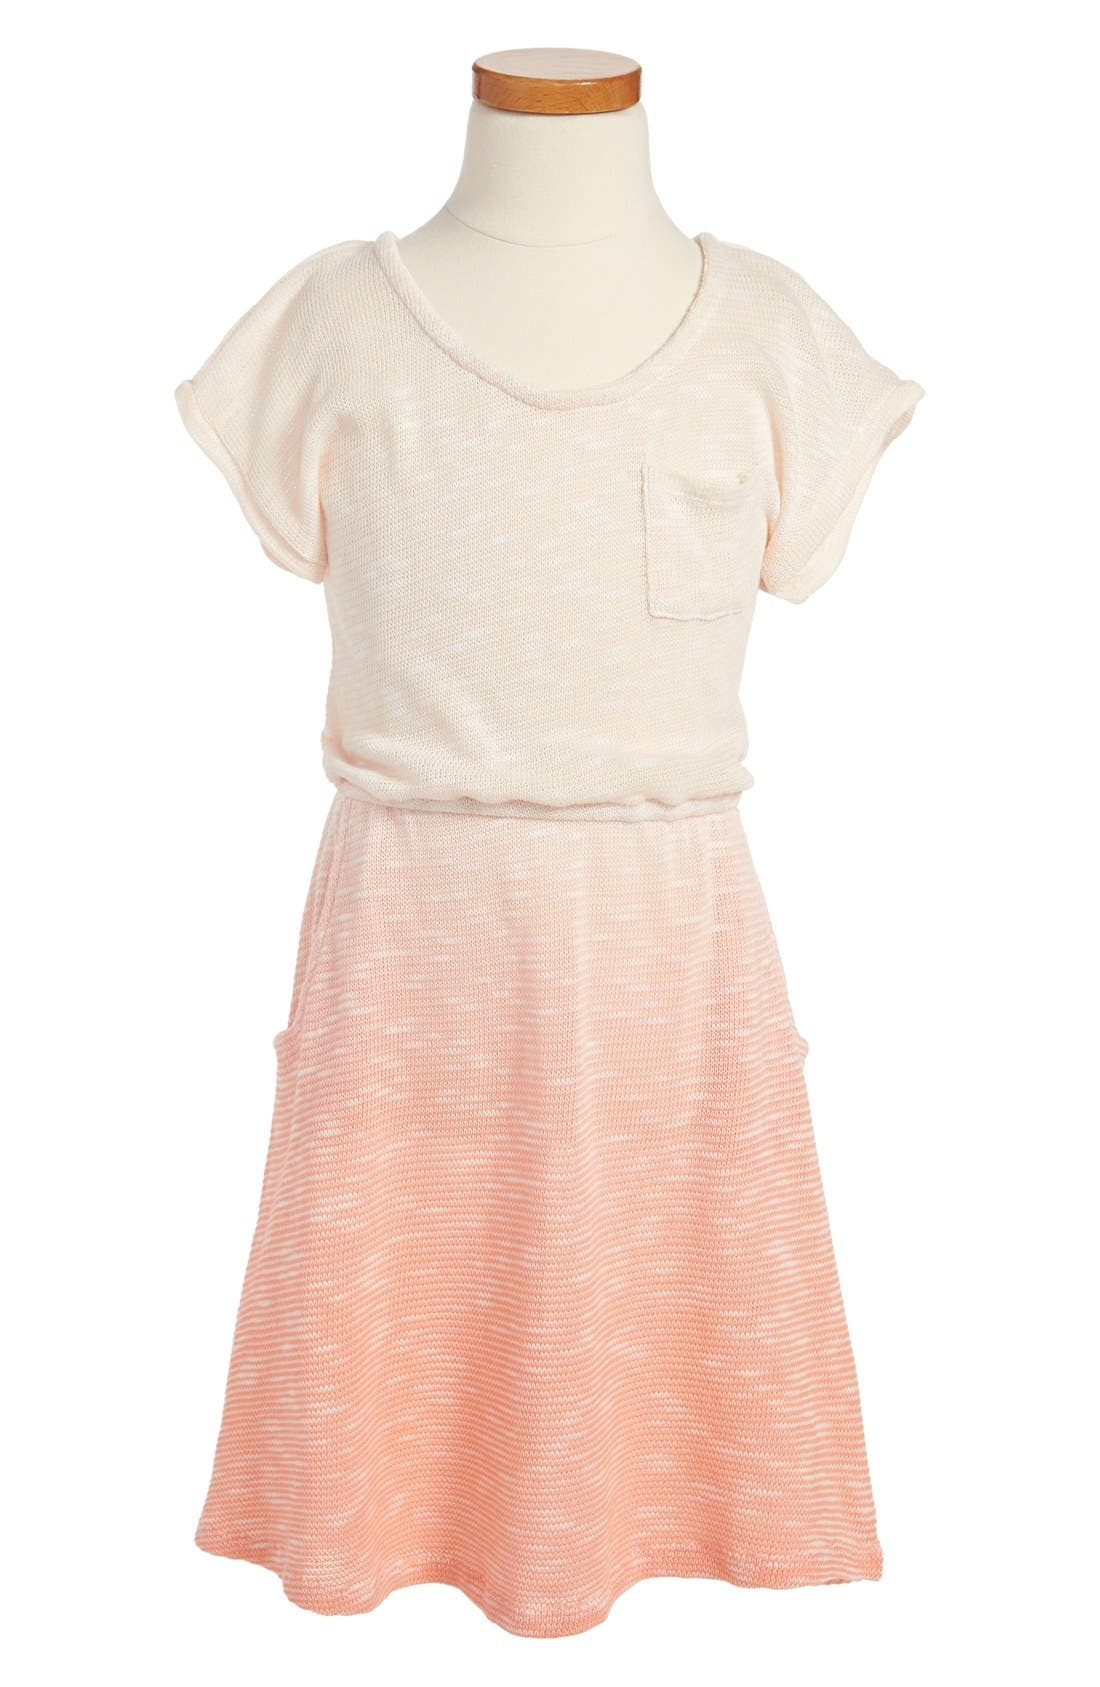 Alternate Image 1 Selected - Roxy 'Sunny Slope' Short Sleeve Dress (Big Girls)